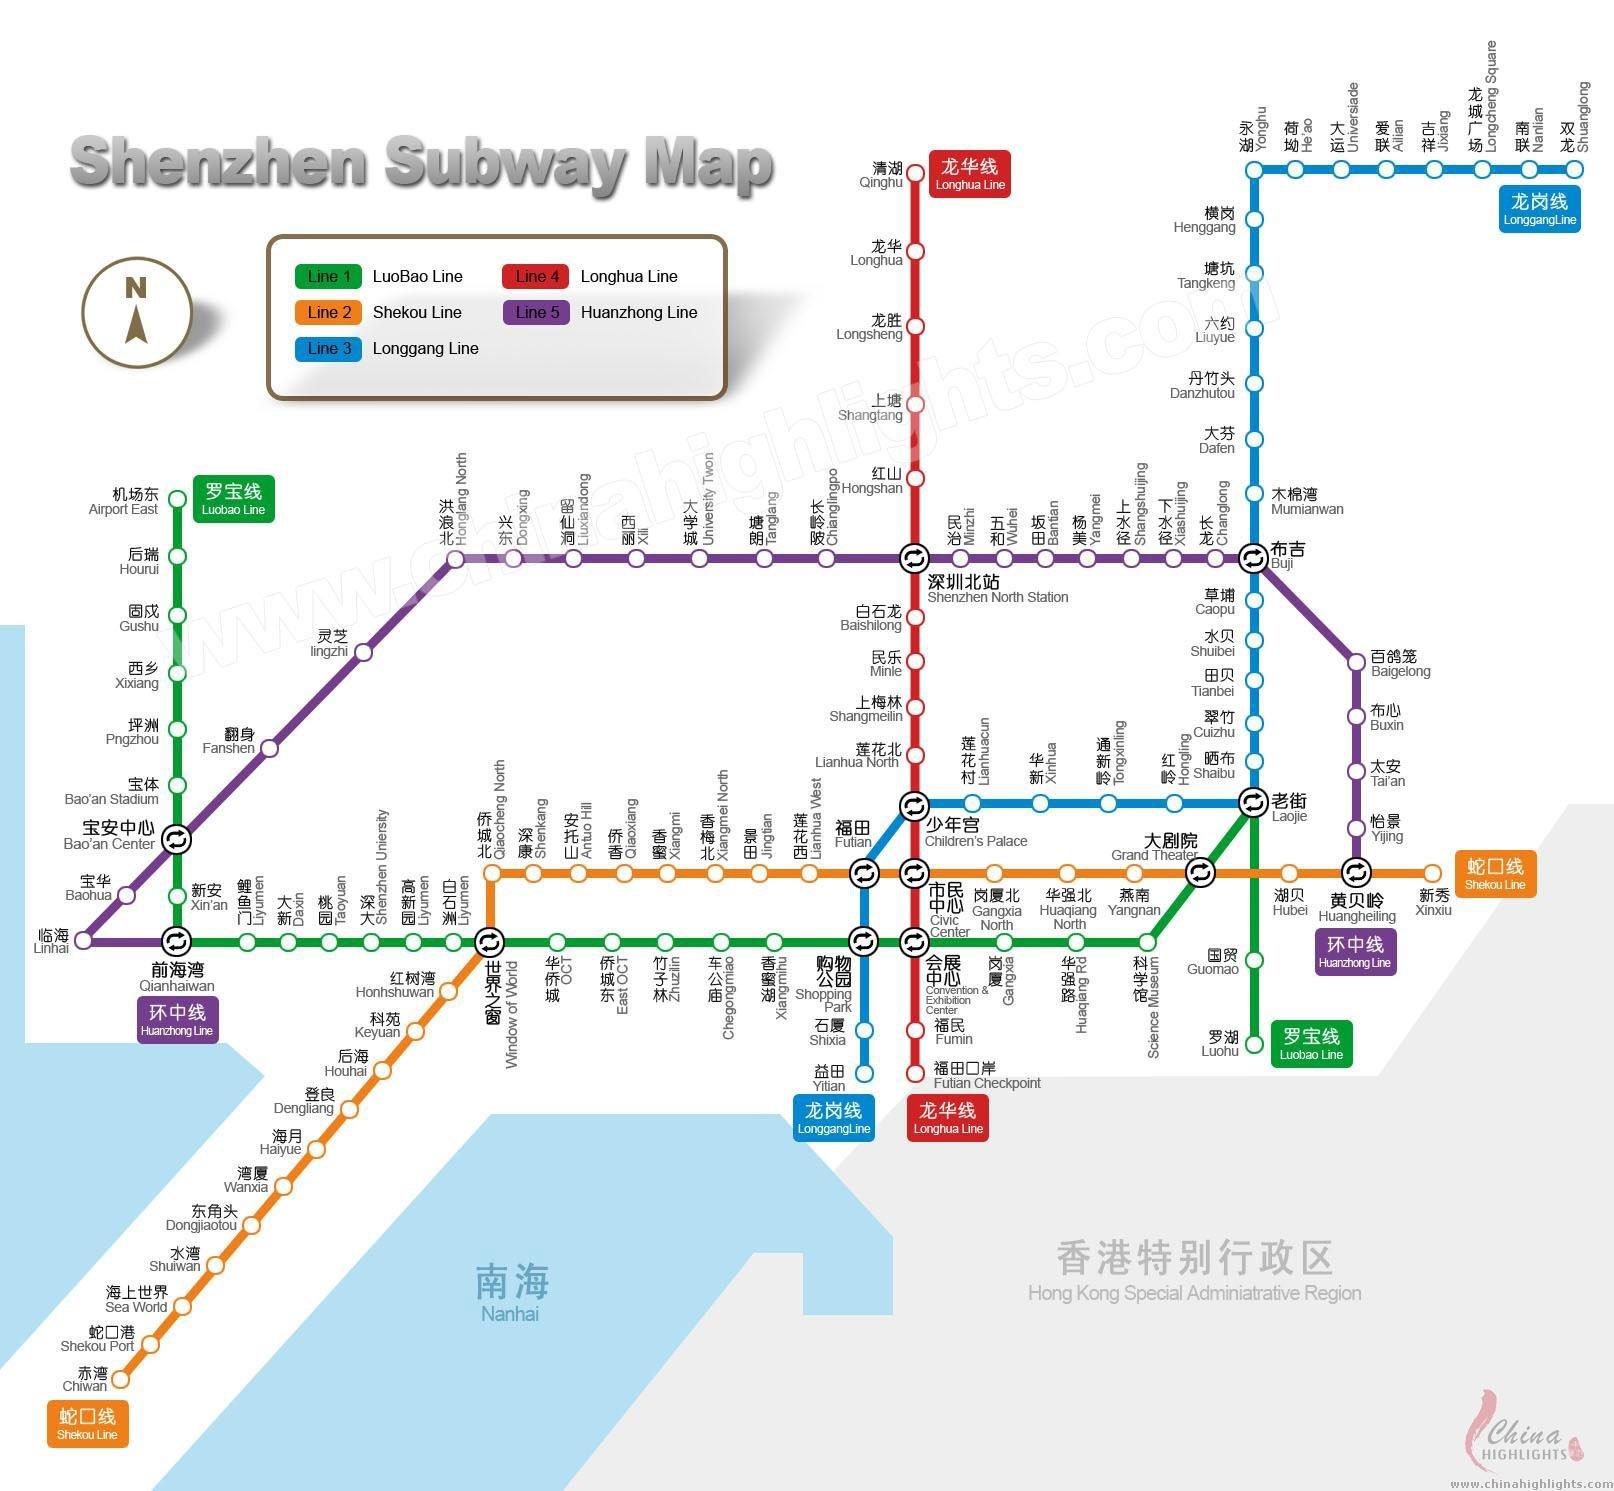 Subway Map Line 1.Shenzhen Subway Shenzhen Subway Lines